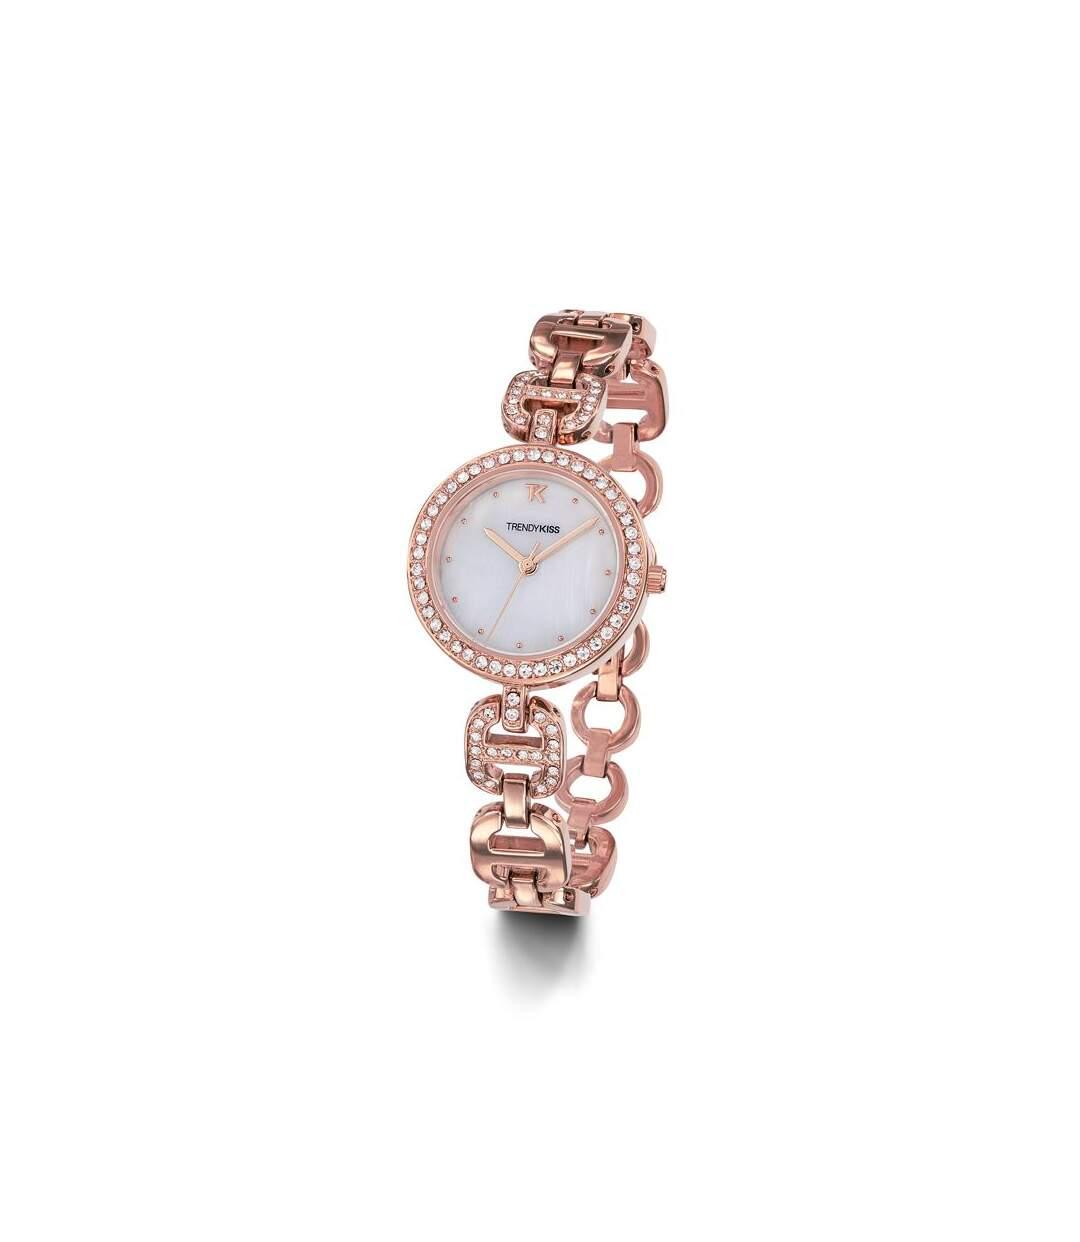 Montre Elégante Trendy Kiss Femme Doré rose avec strass - TMRG10112-03